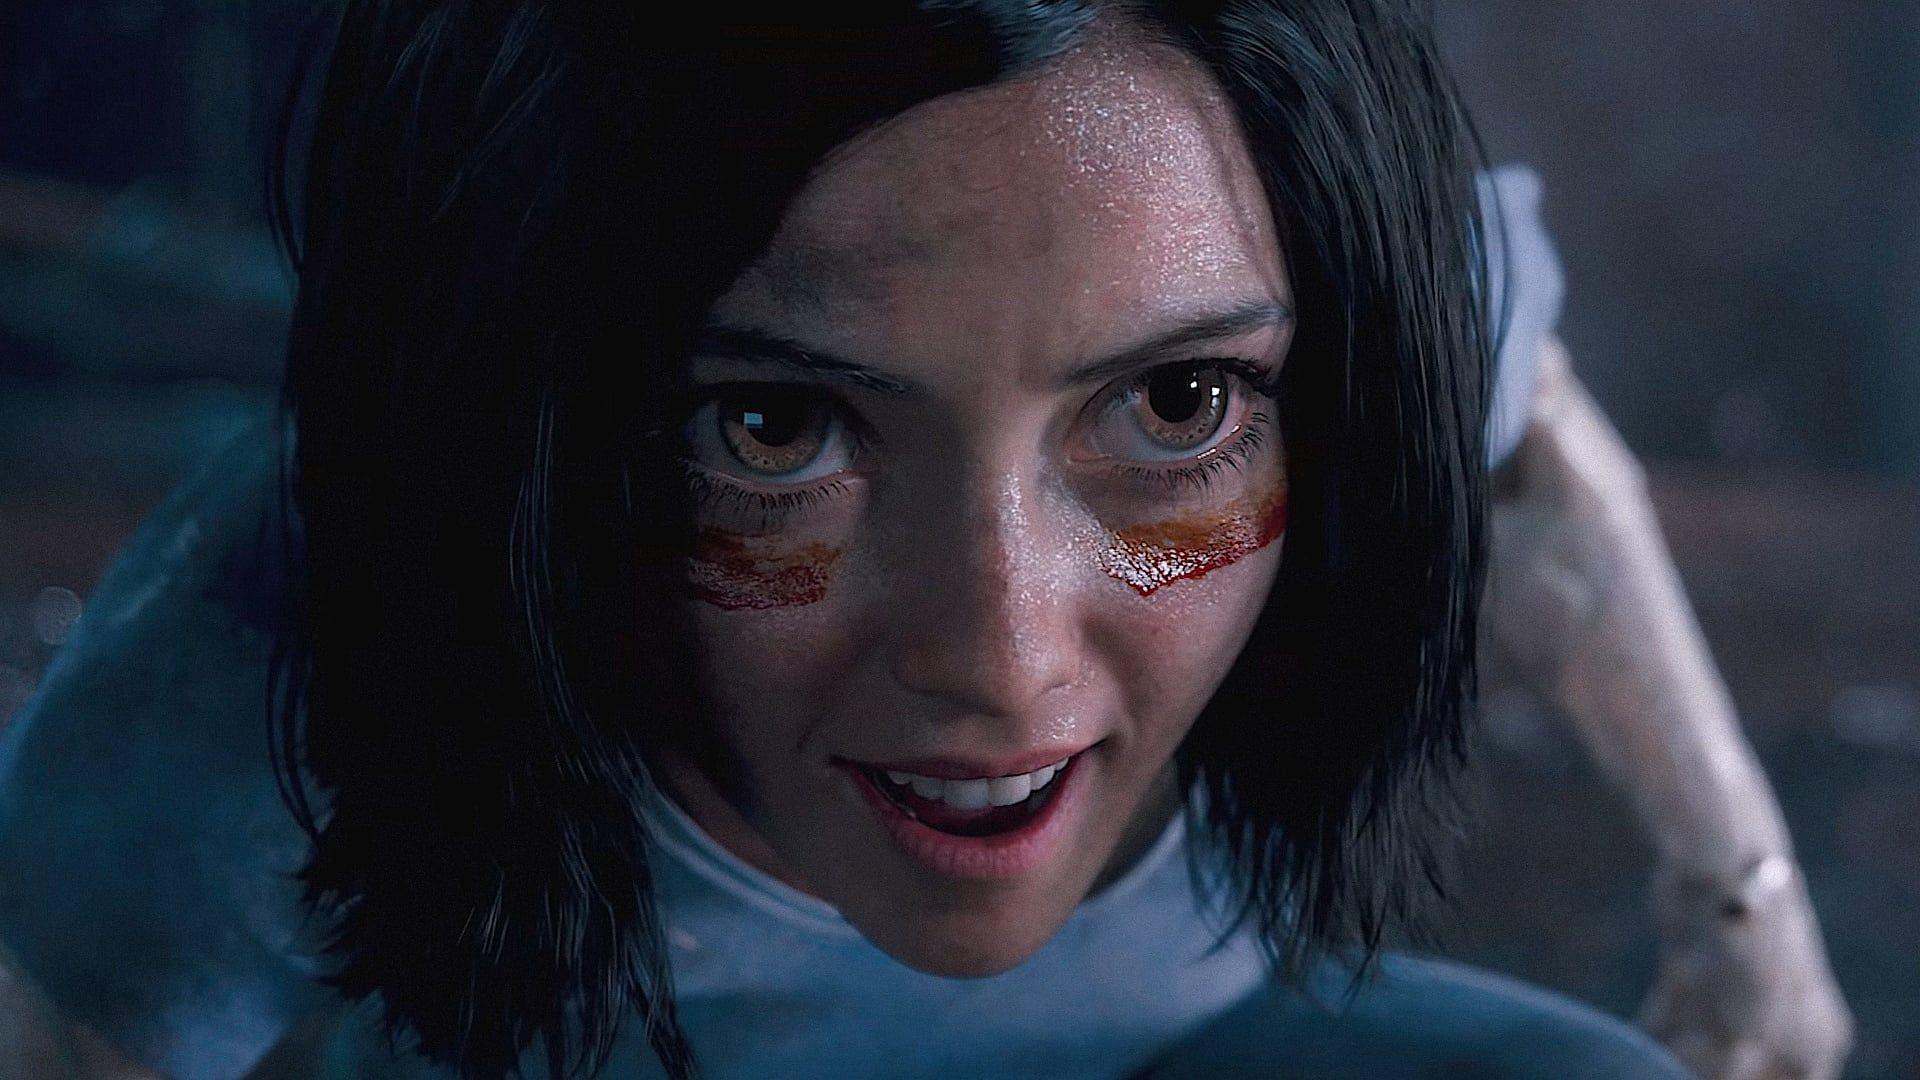 Осторожно! Сильная женщина! – Фильм «Алита. Боевой ангел»